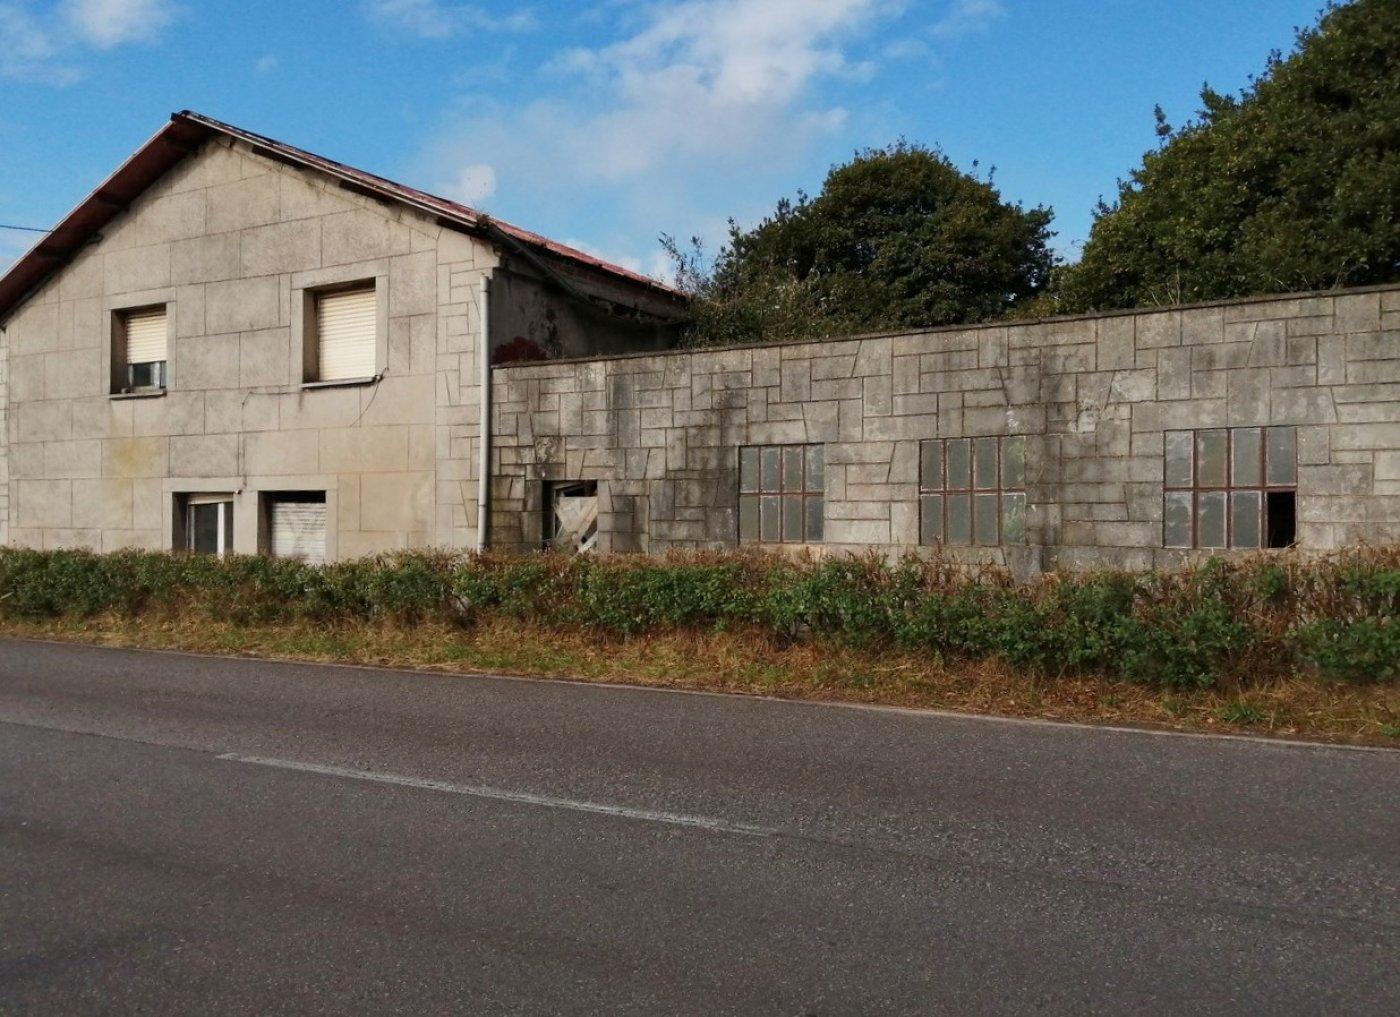 Casa para reformar en la carretera de la campa - imagenInmueble6